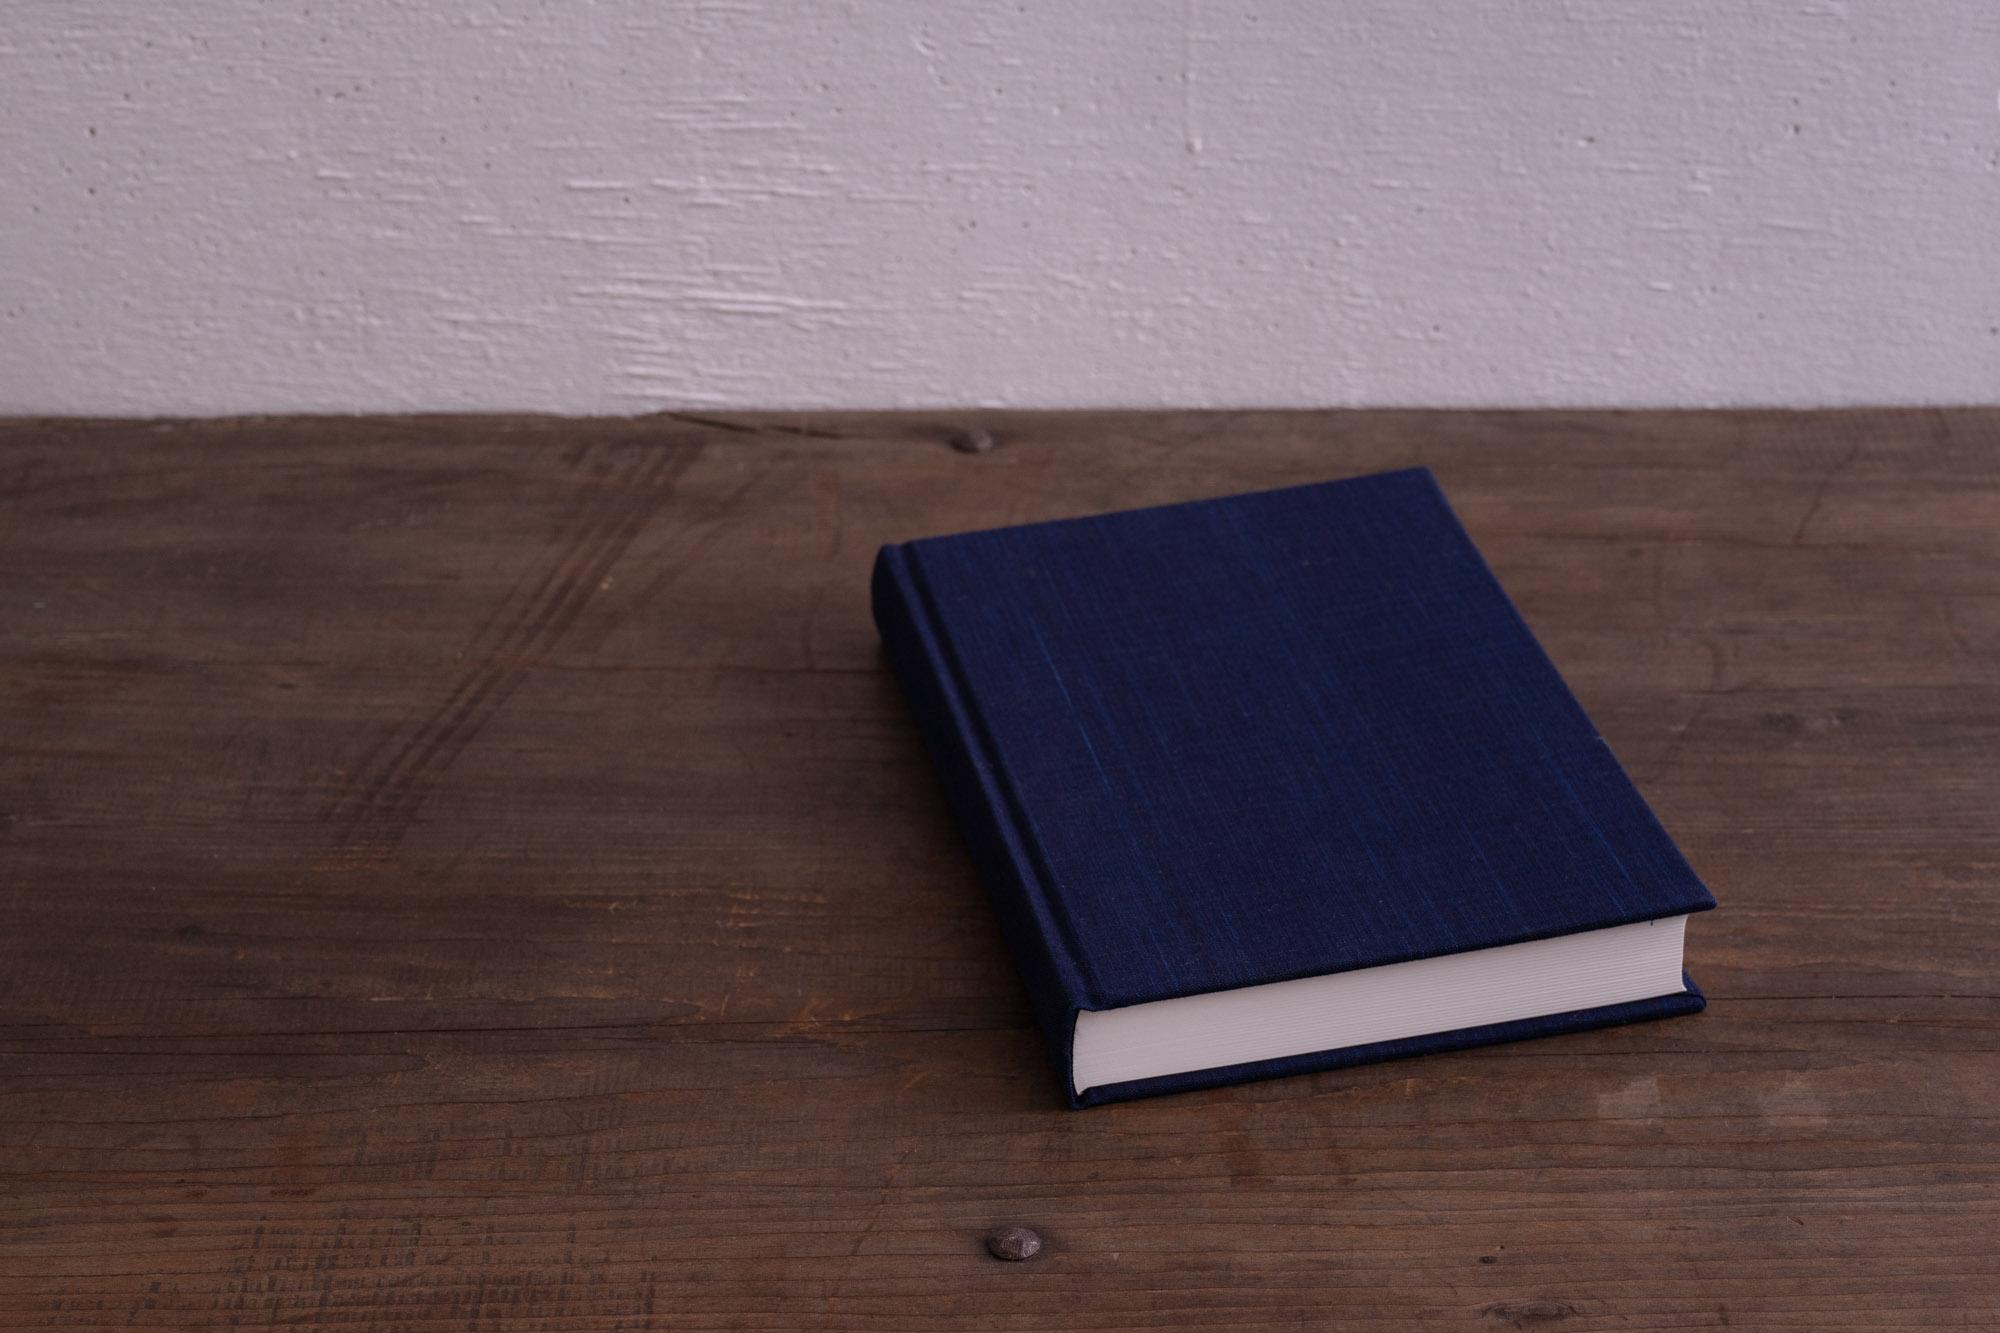 松阪木綿の大変美しい正藍染の装丁。10年間使うのに相応しいしっかりとした装丁と飽きの来ないデザインの10年日記帳「日事記」。